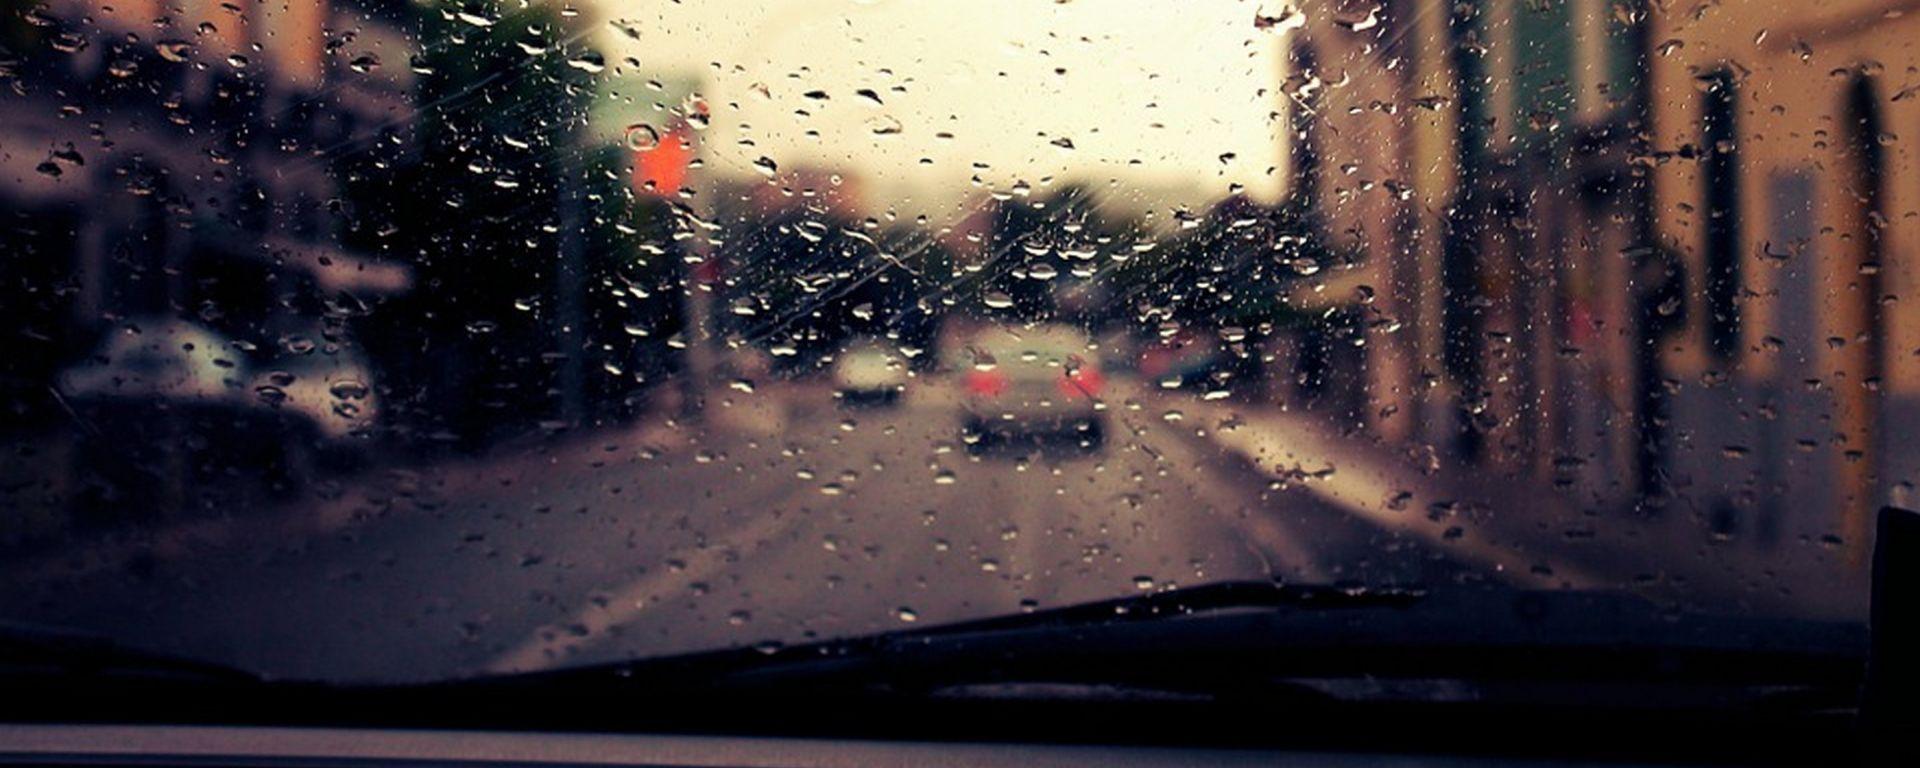 Carglass Rain Repellent: sicurezza in auto anche con la pioggia